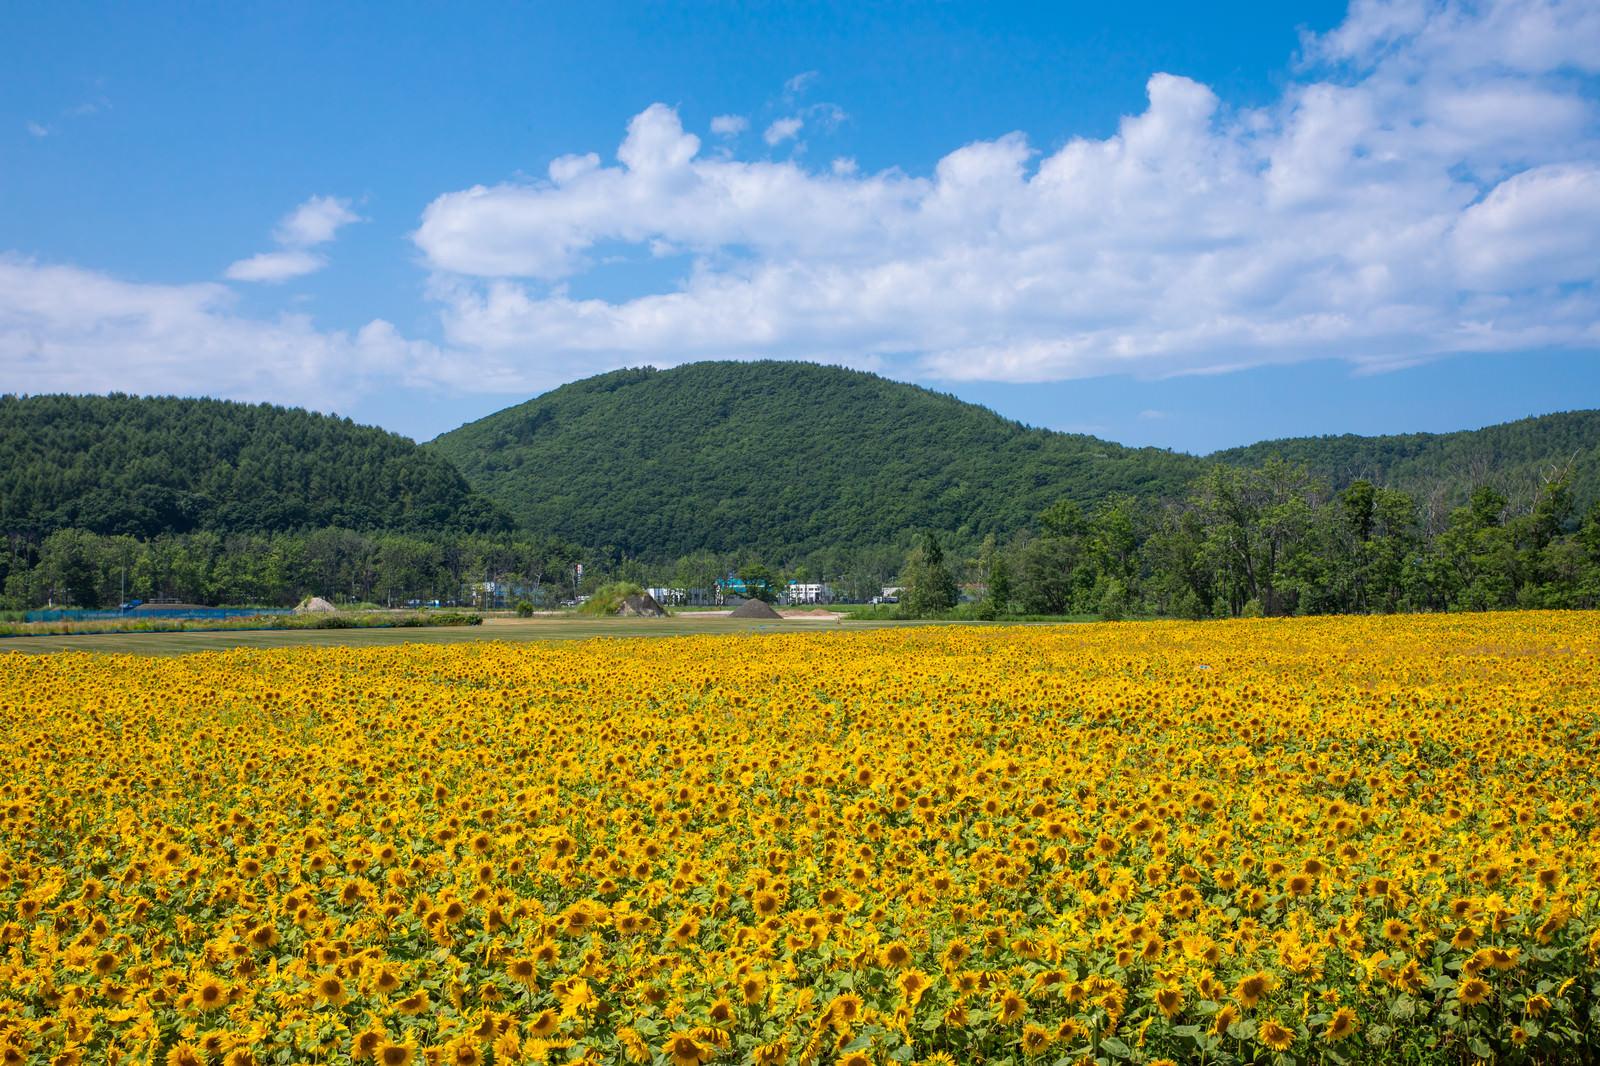 「大曲湖畔のひまわり畑」の写真